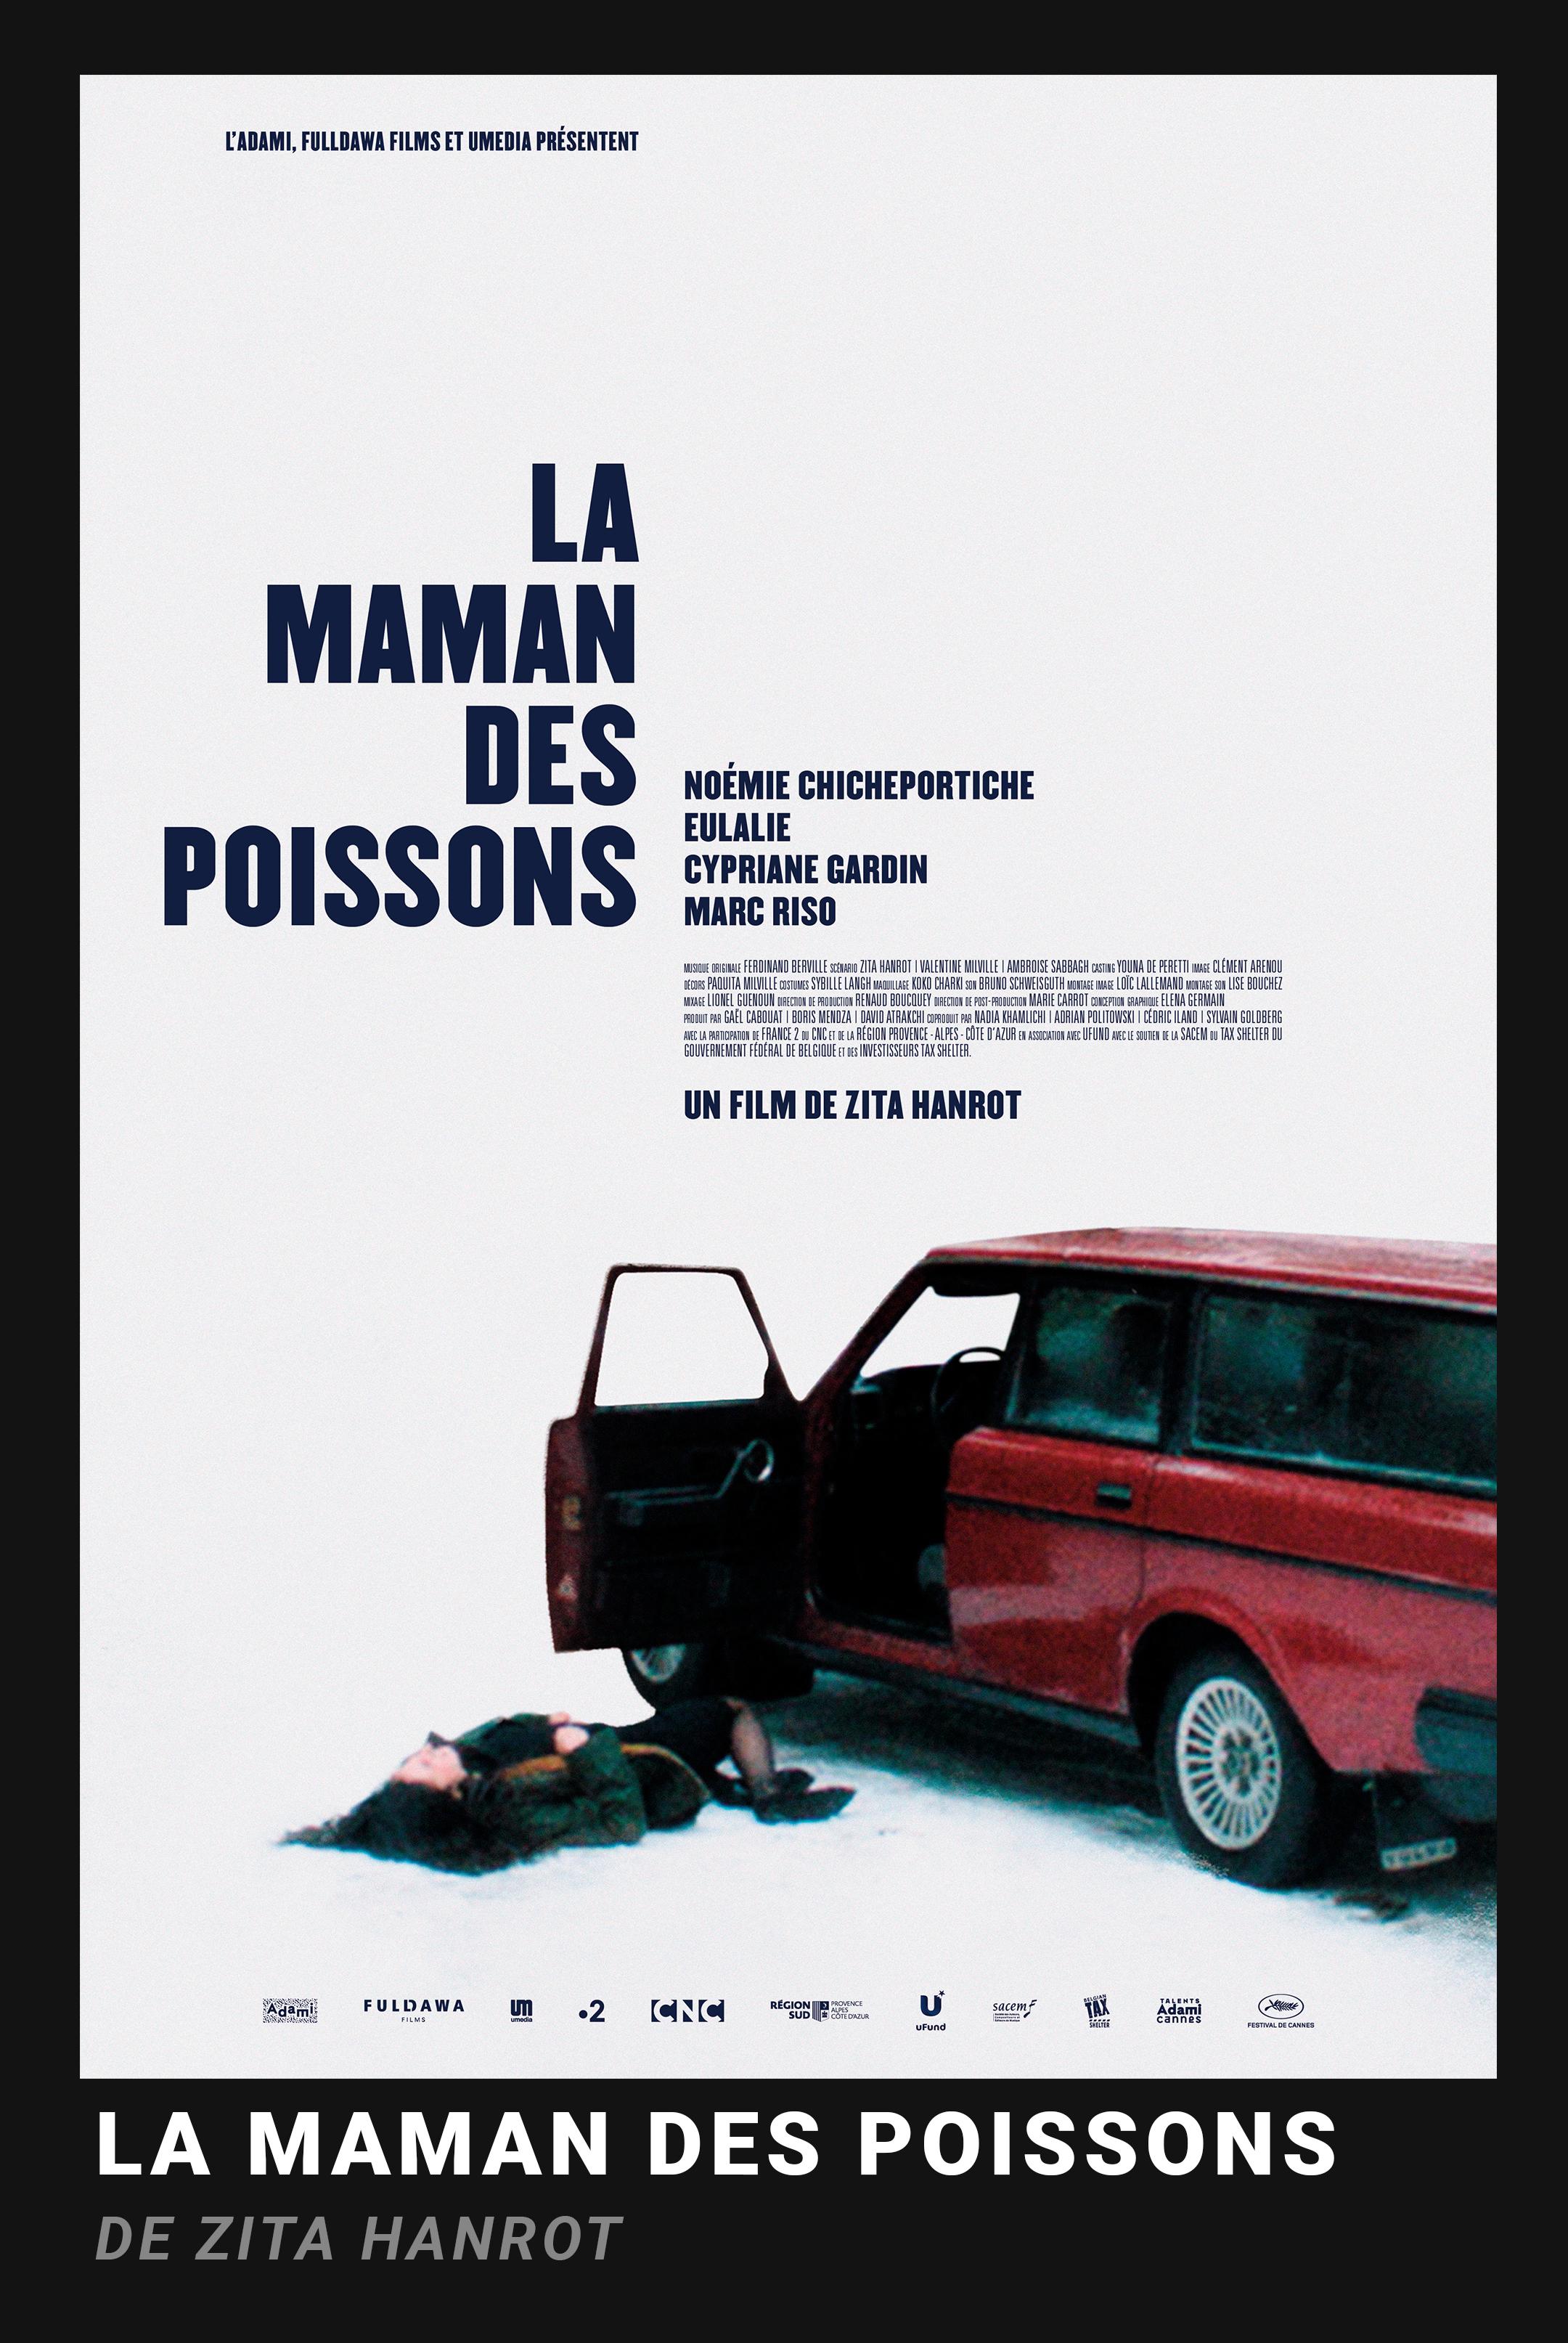 LA MAMAN DES POISSONS